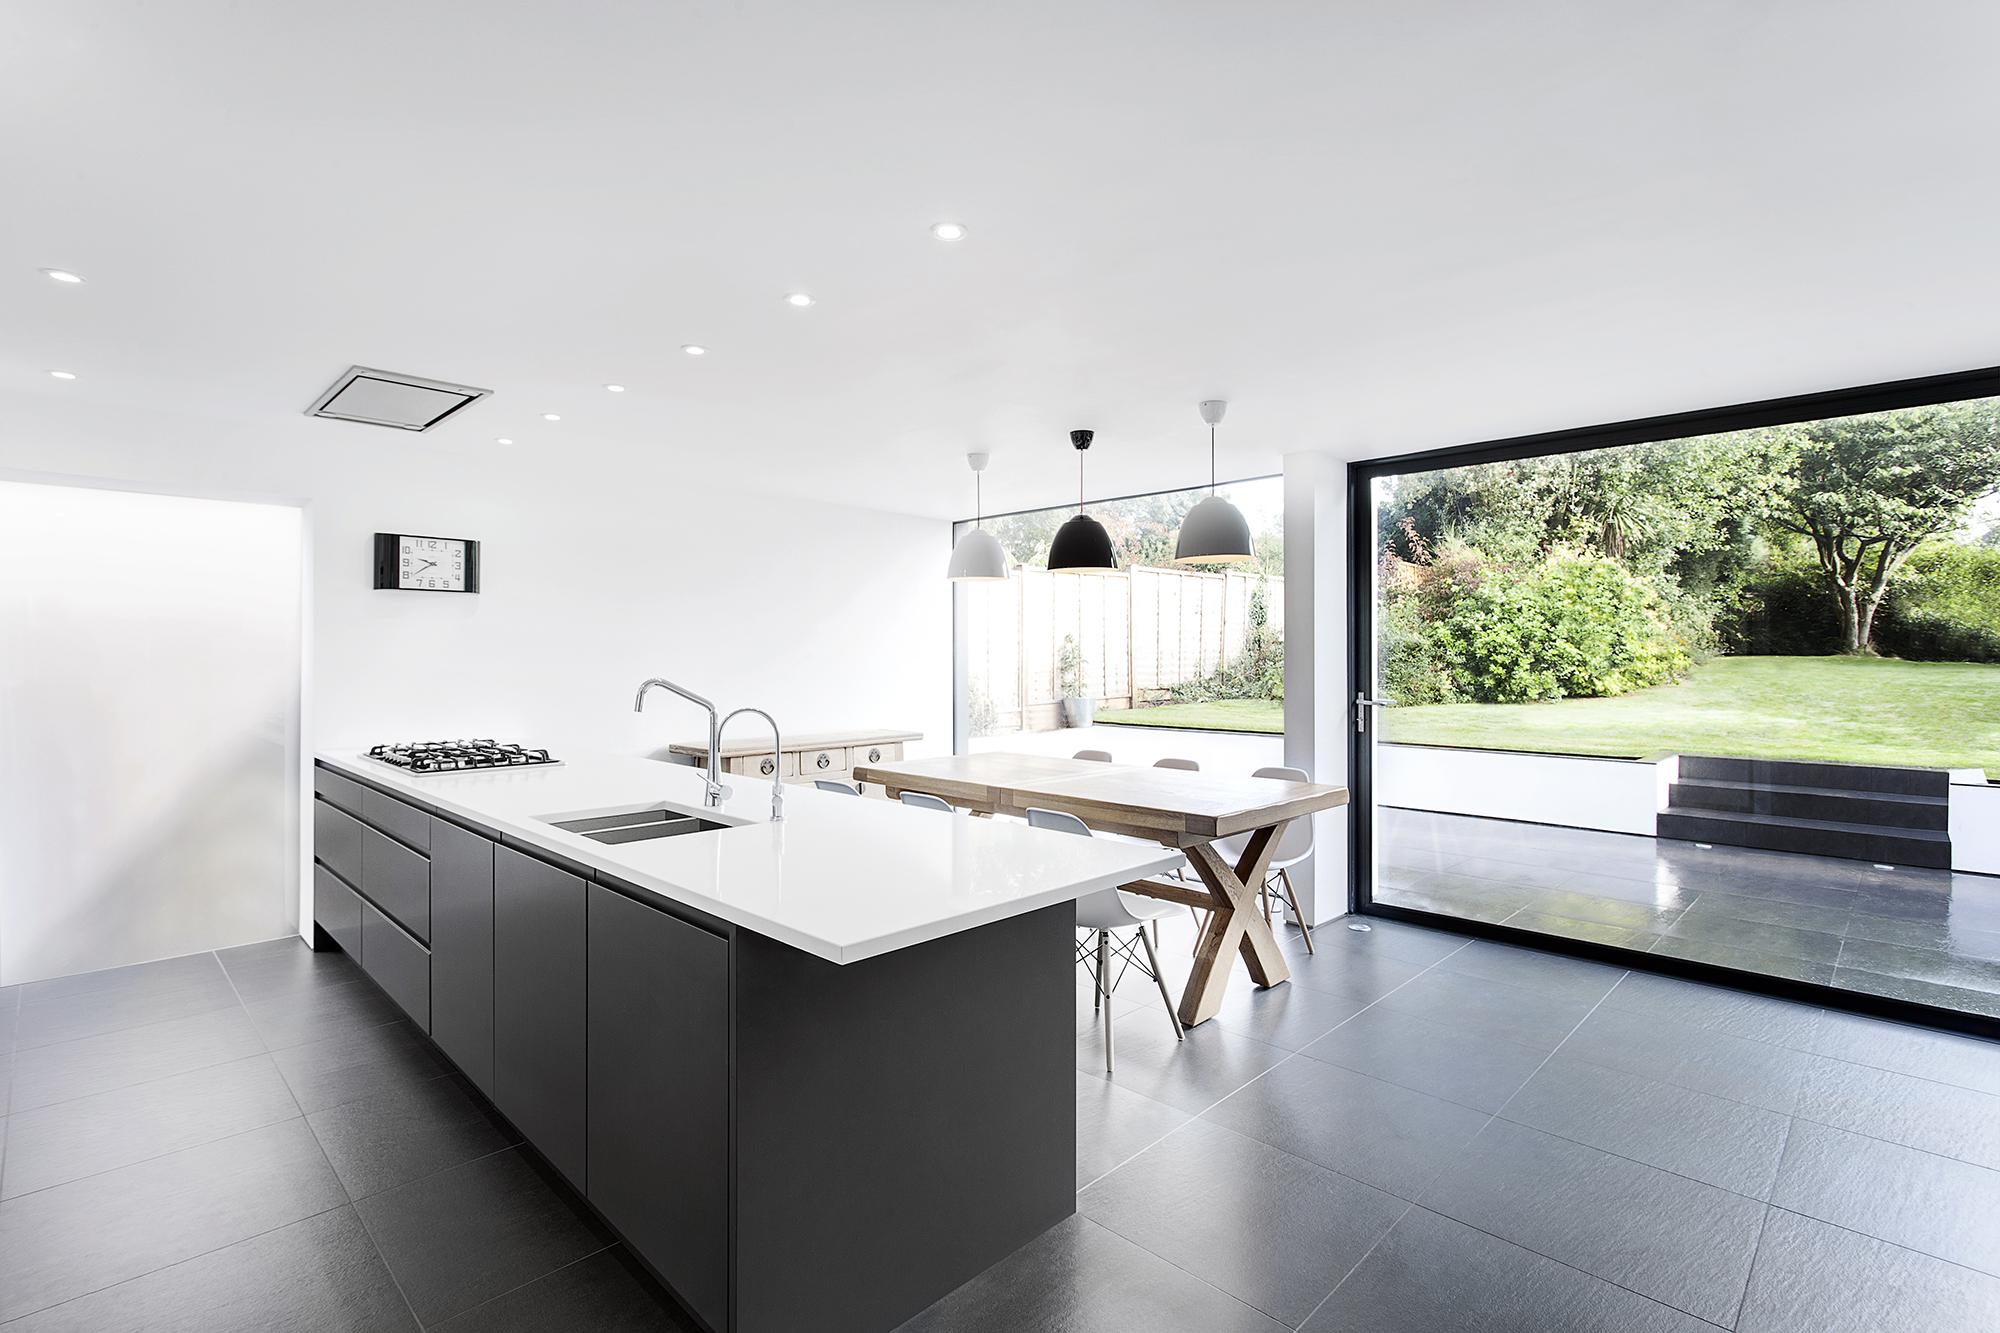 Extension Maison Design #6: Cuisine Et Séjour - Maison Medic - AR Design Studio